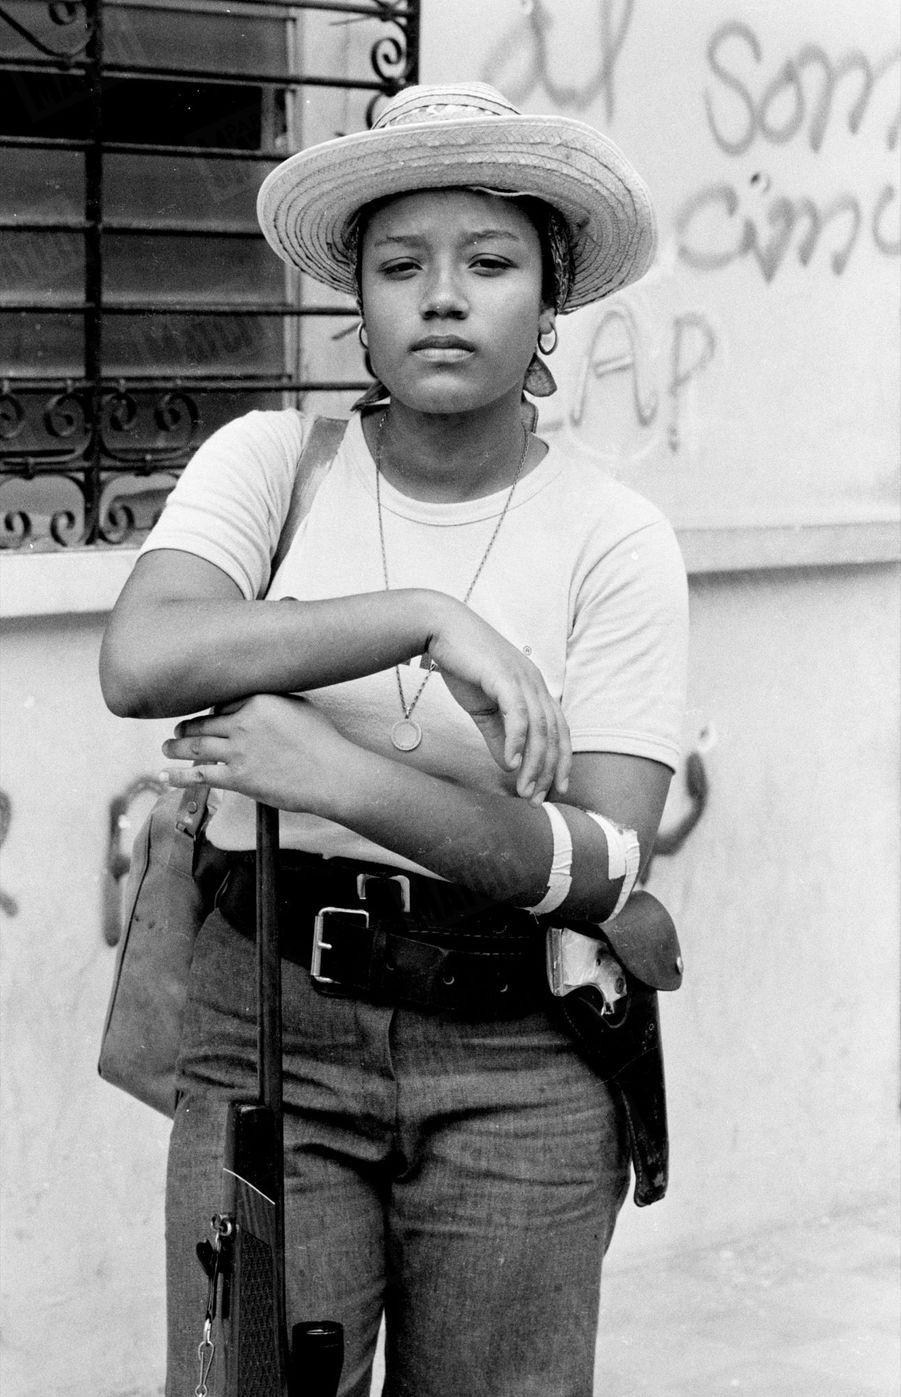 «Nombreuses sont les femmes qui se battent et qui commandent. Beaucoup n'ont que de dix-huit à vingt ans et pour toute arme un gros revolver à barillet de style western passé à même dans la ceinture.» - Paris Match n°1571, 6 juillet 1979